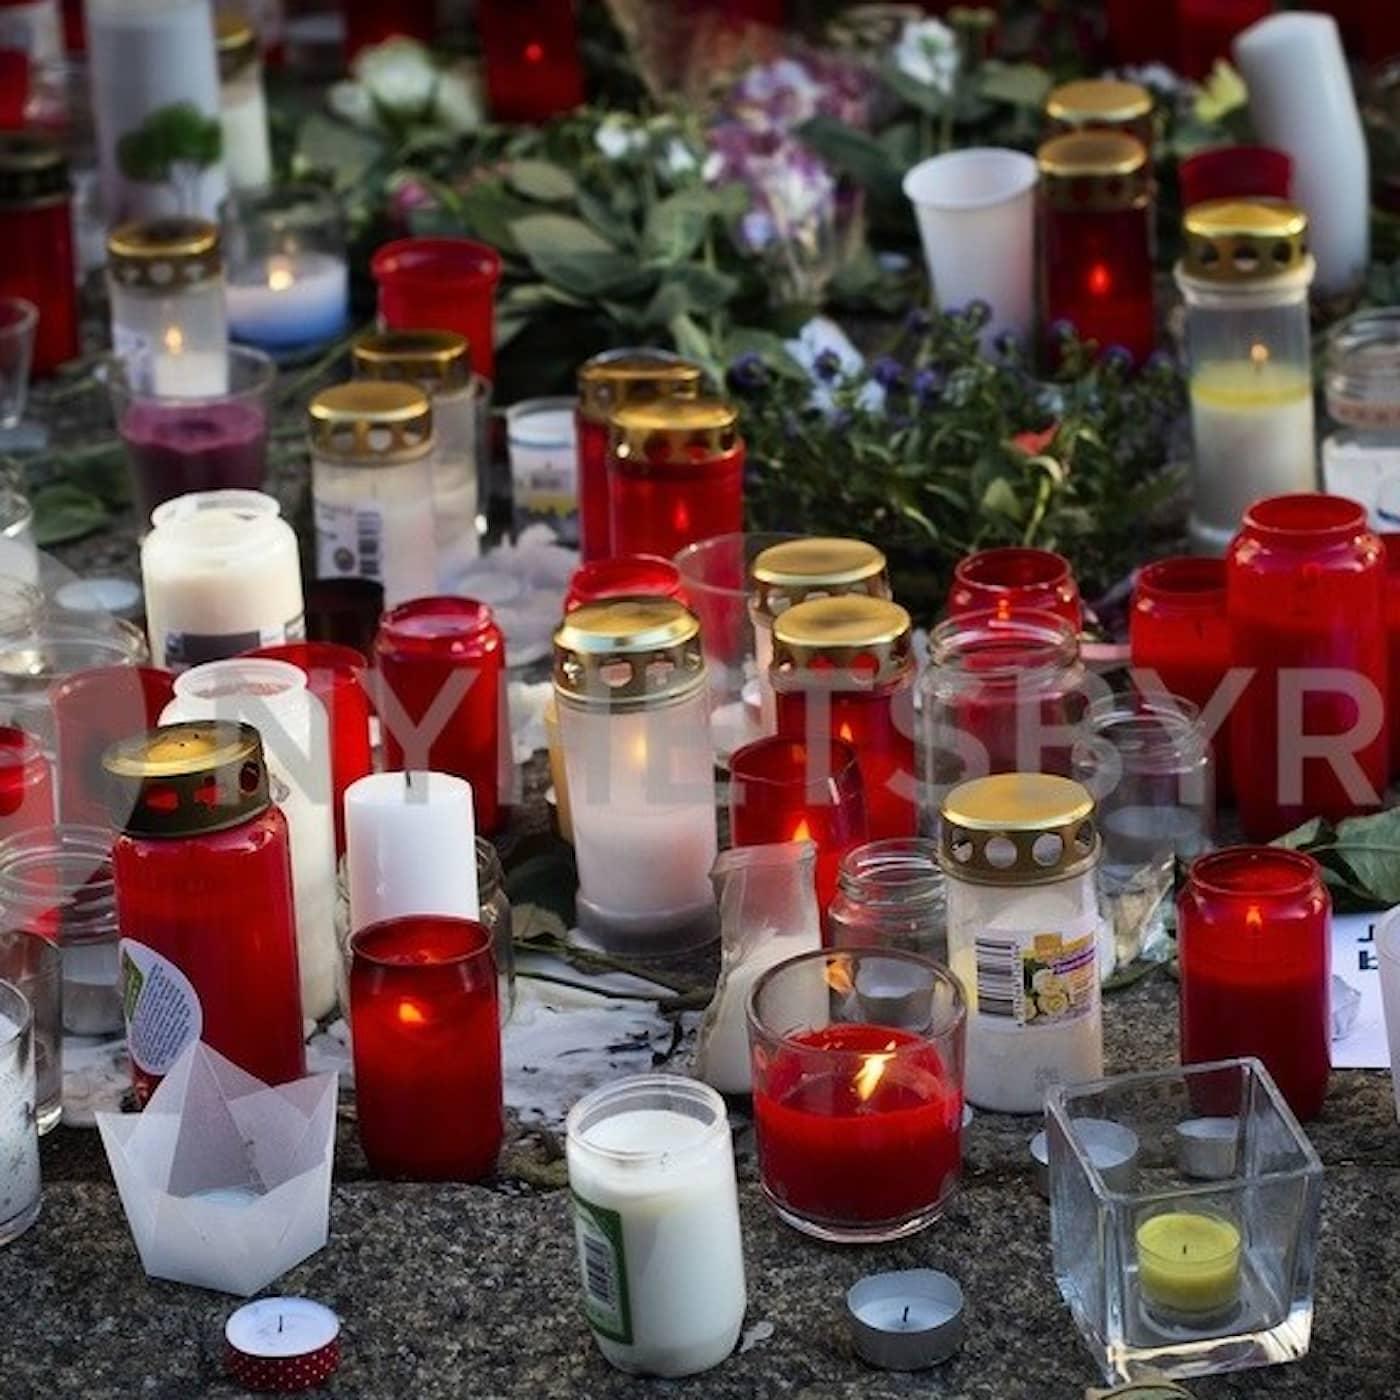 Konflikts julspecial: Hat, konspirationer och död